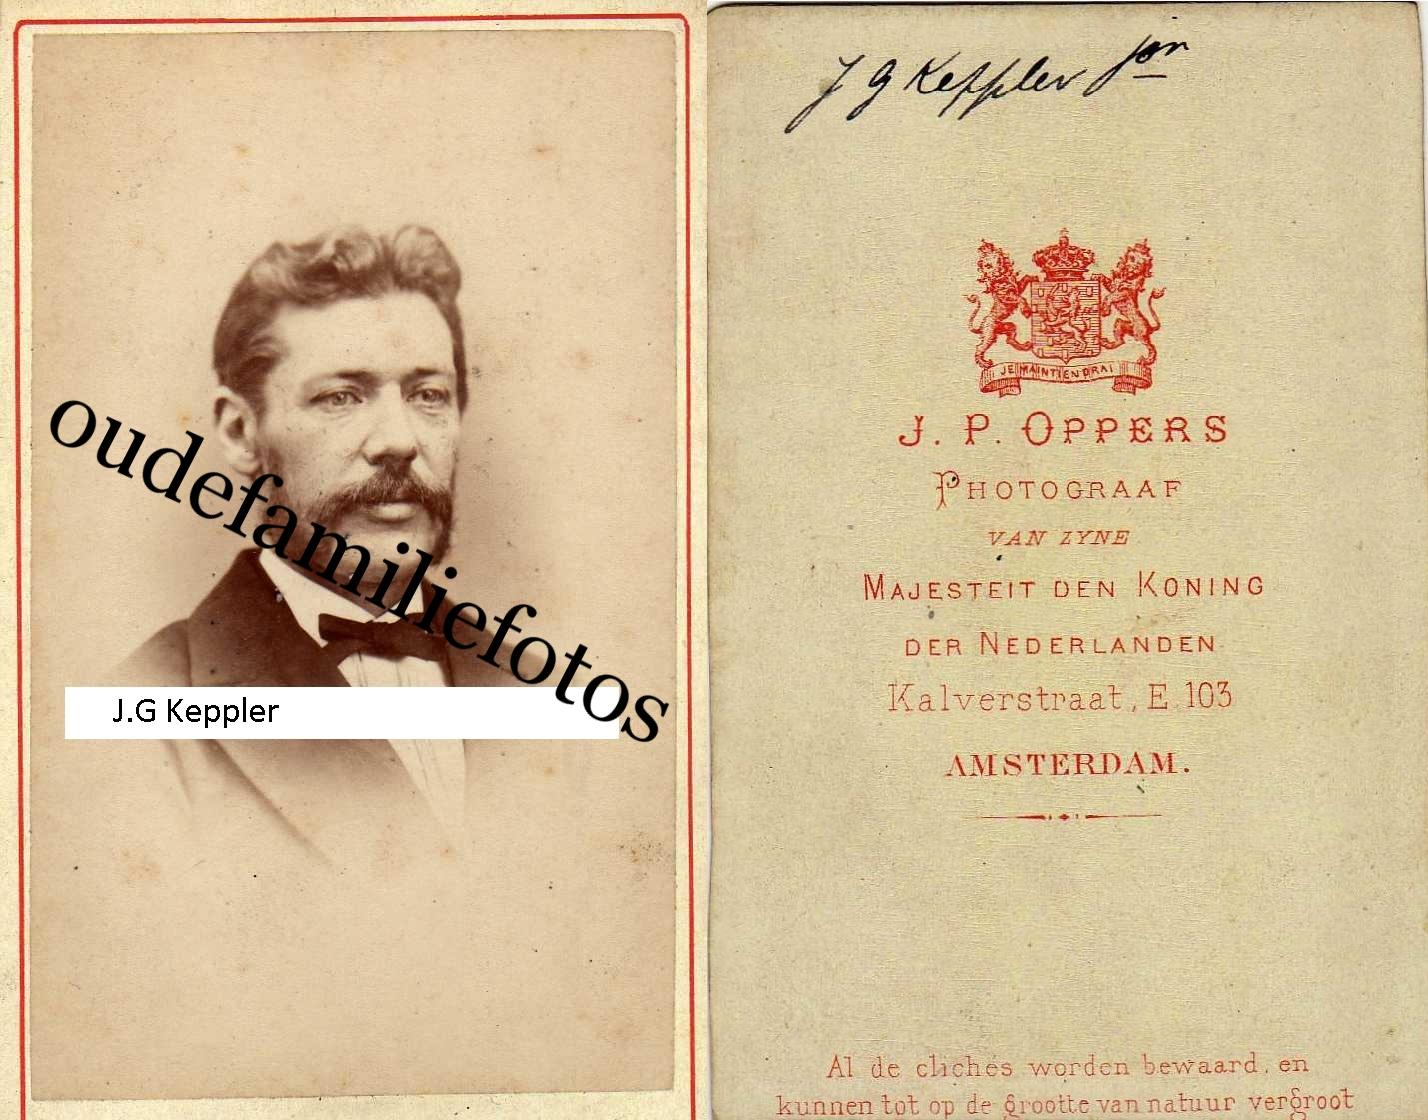 Keppler, Johan Georg. geb. 15-11-1839 A'dam ovl. 13-10-1891 Den-Haag. getrouwd met Maria Ch. Lugt. € 2,00